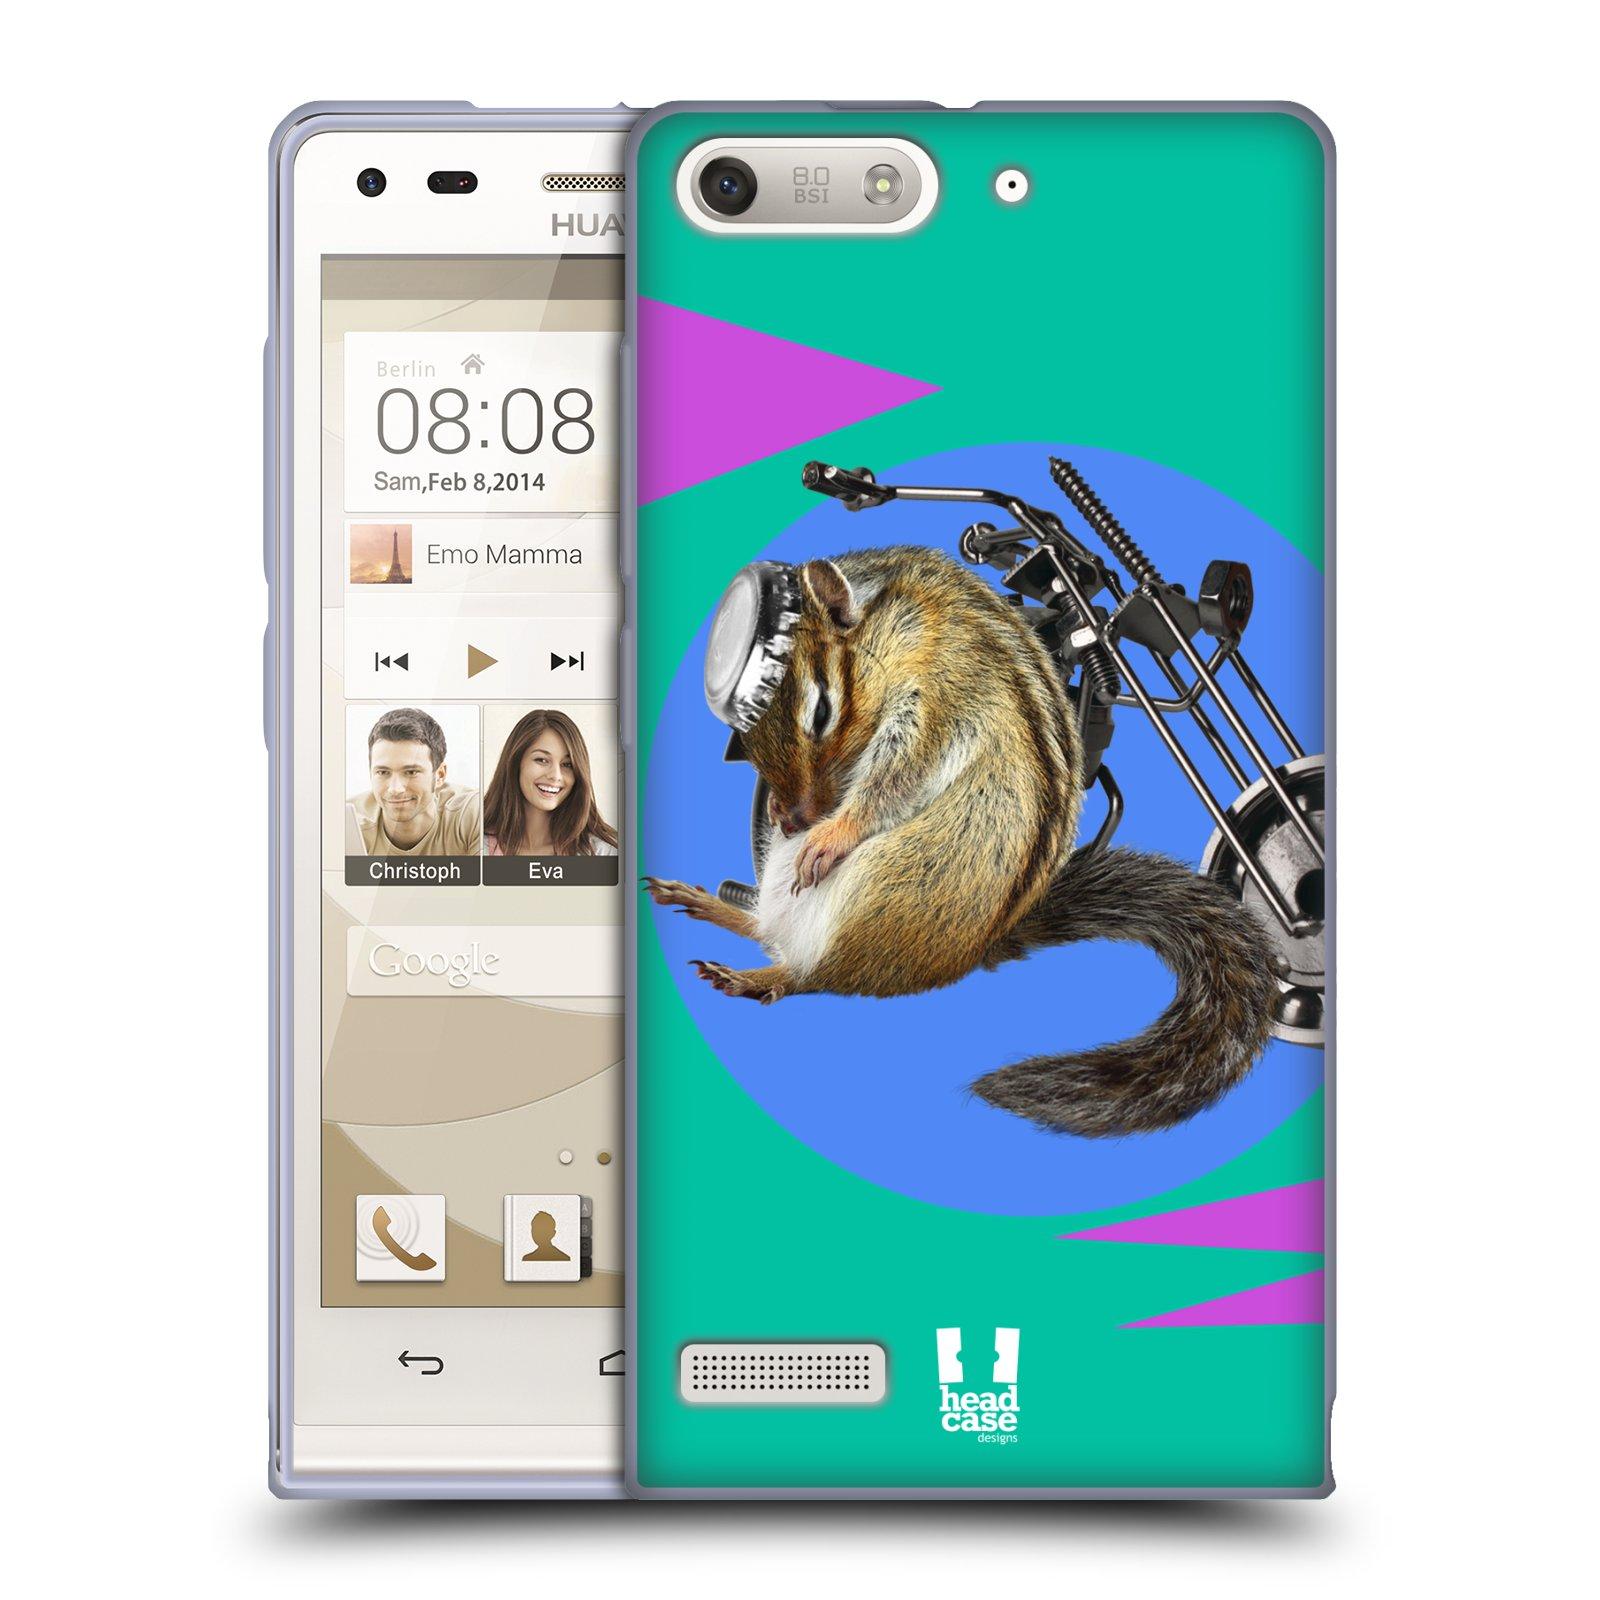 HEAD CASE silikonový obal na mobil Huawei Ascend G6 Legrační zvířátka veverka motorkář chipmunk